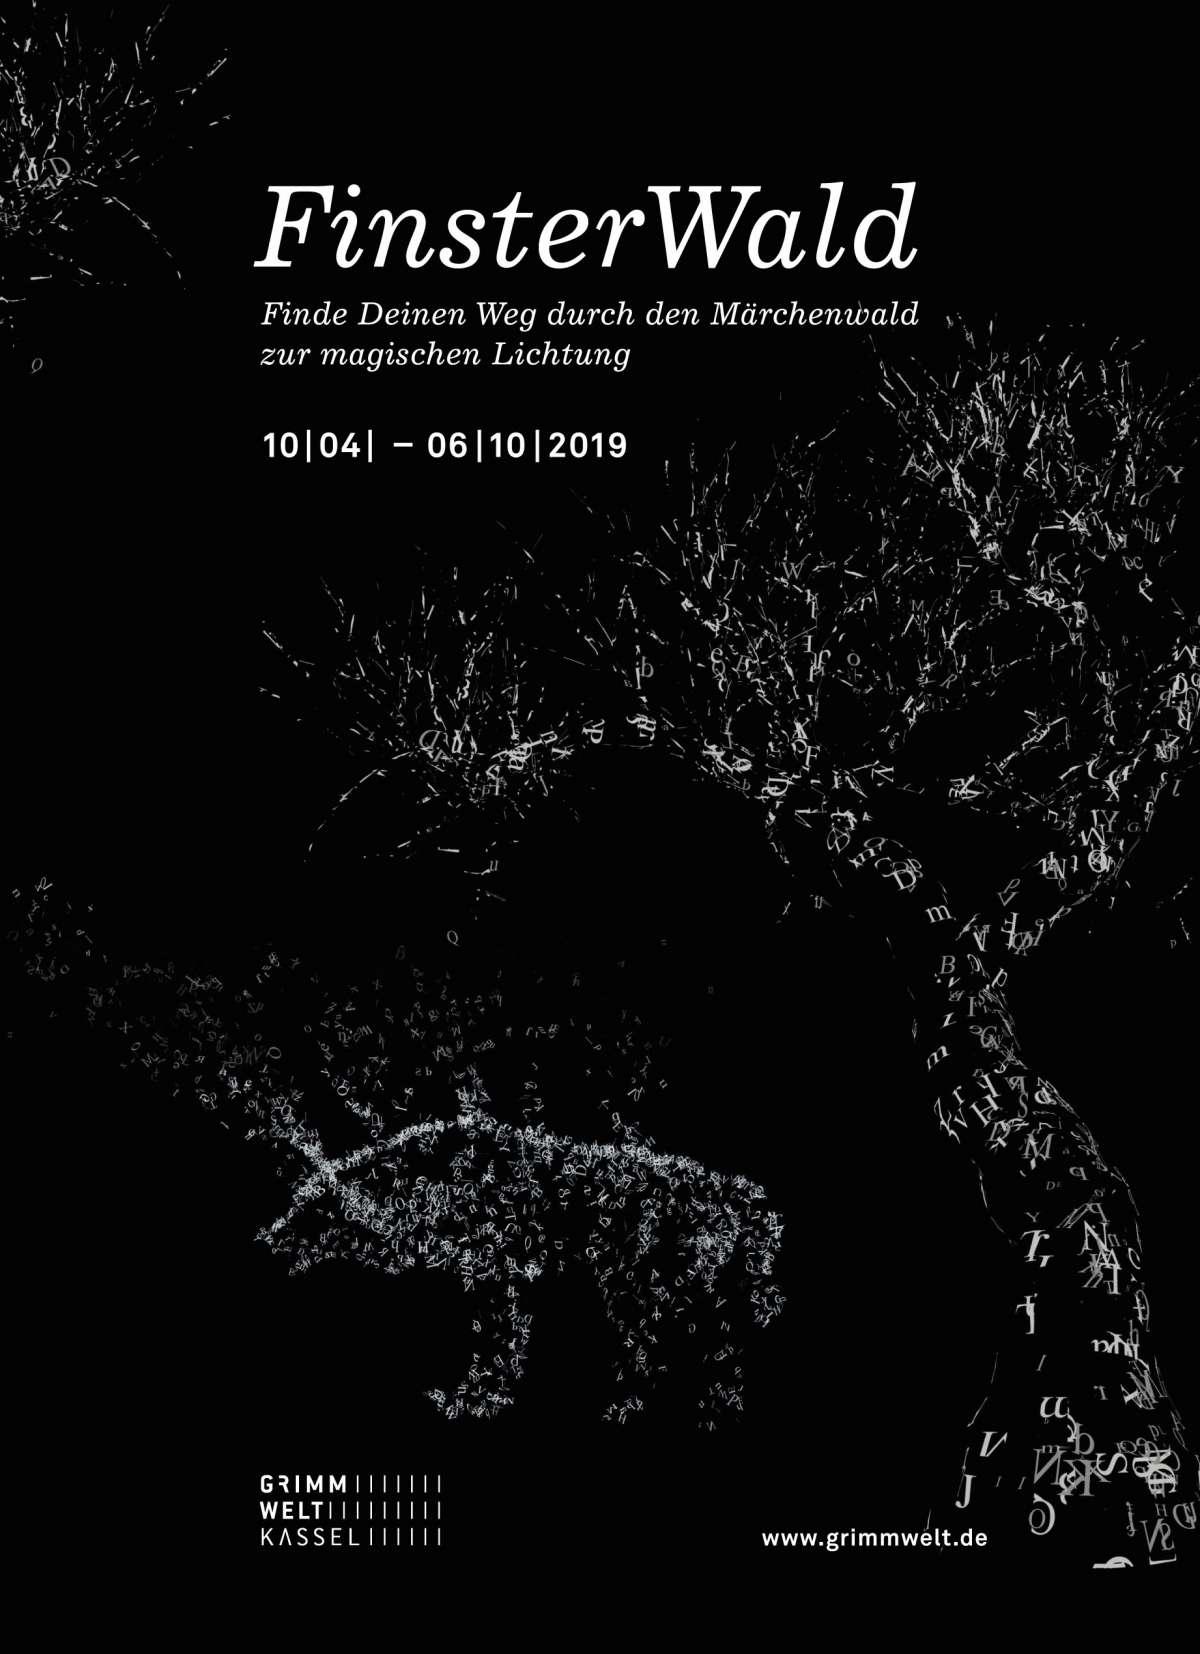 Veranstaltungen & Events am »Donnerstag, 03. Oktober 2019« in deiner Nähe...